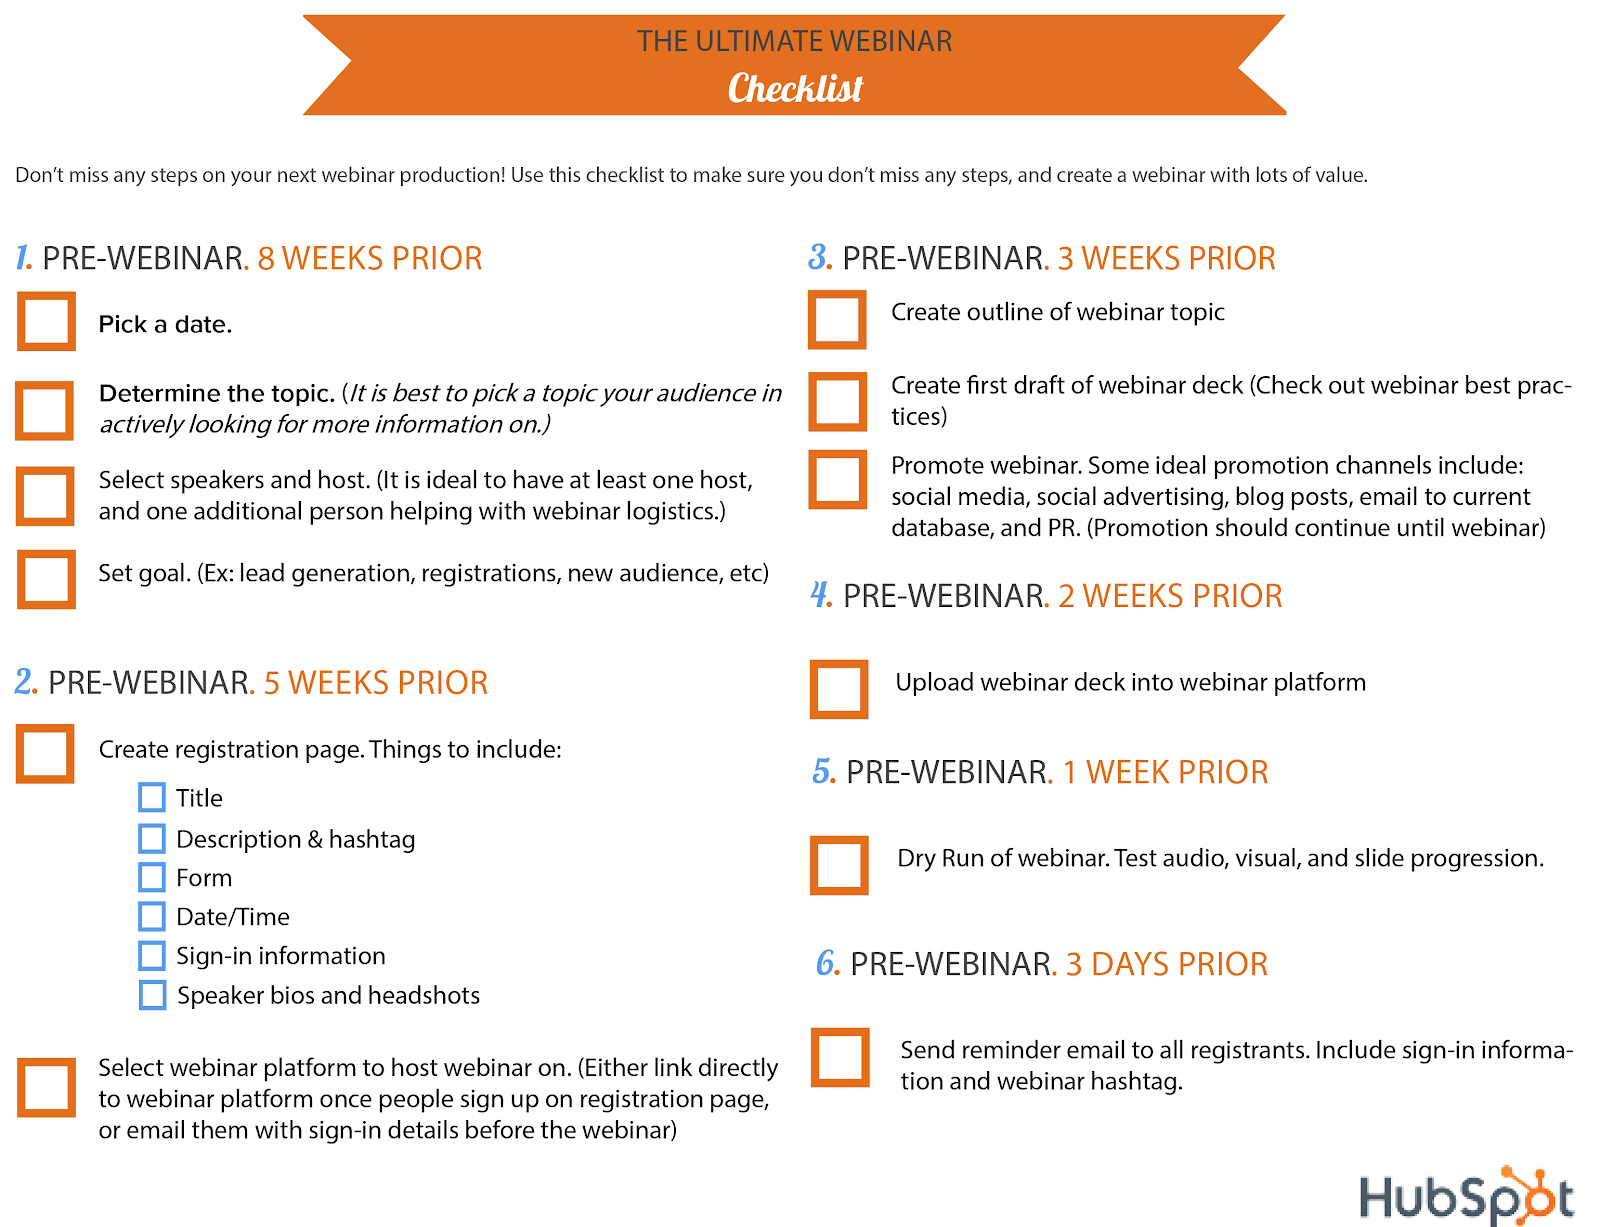 hubspot checklist